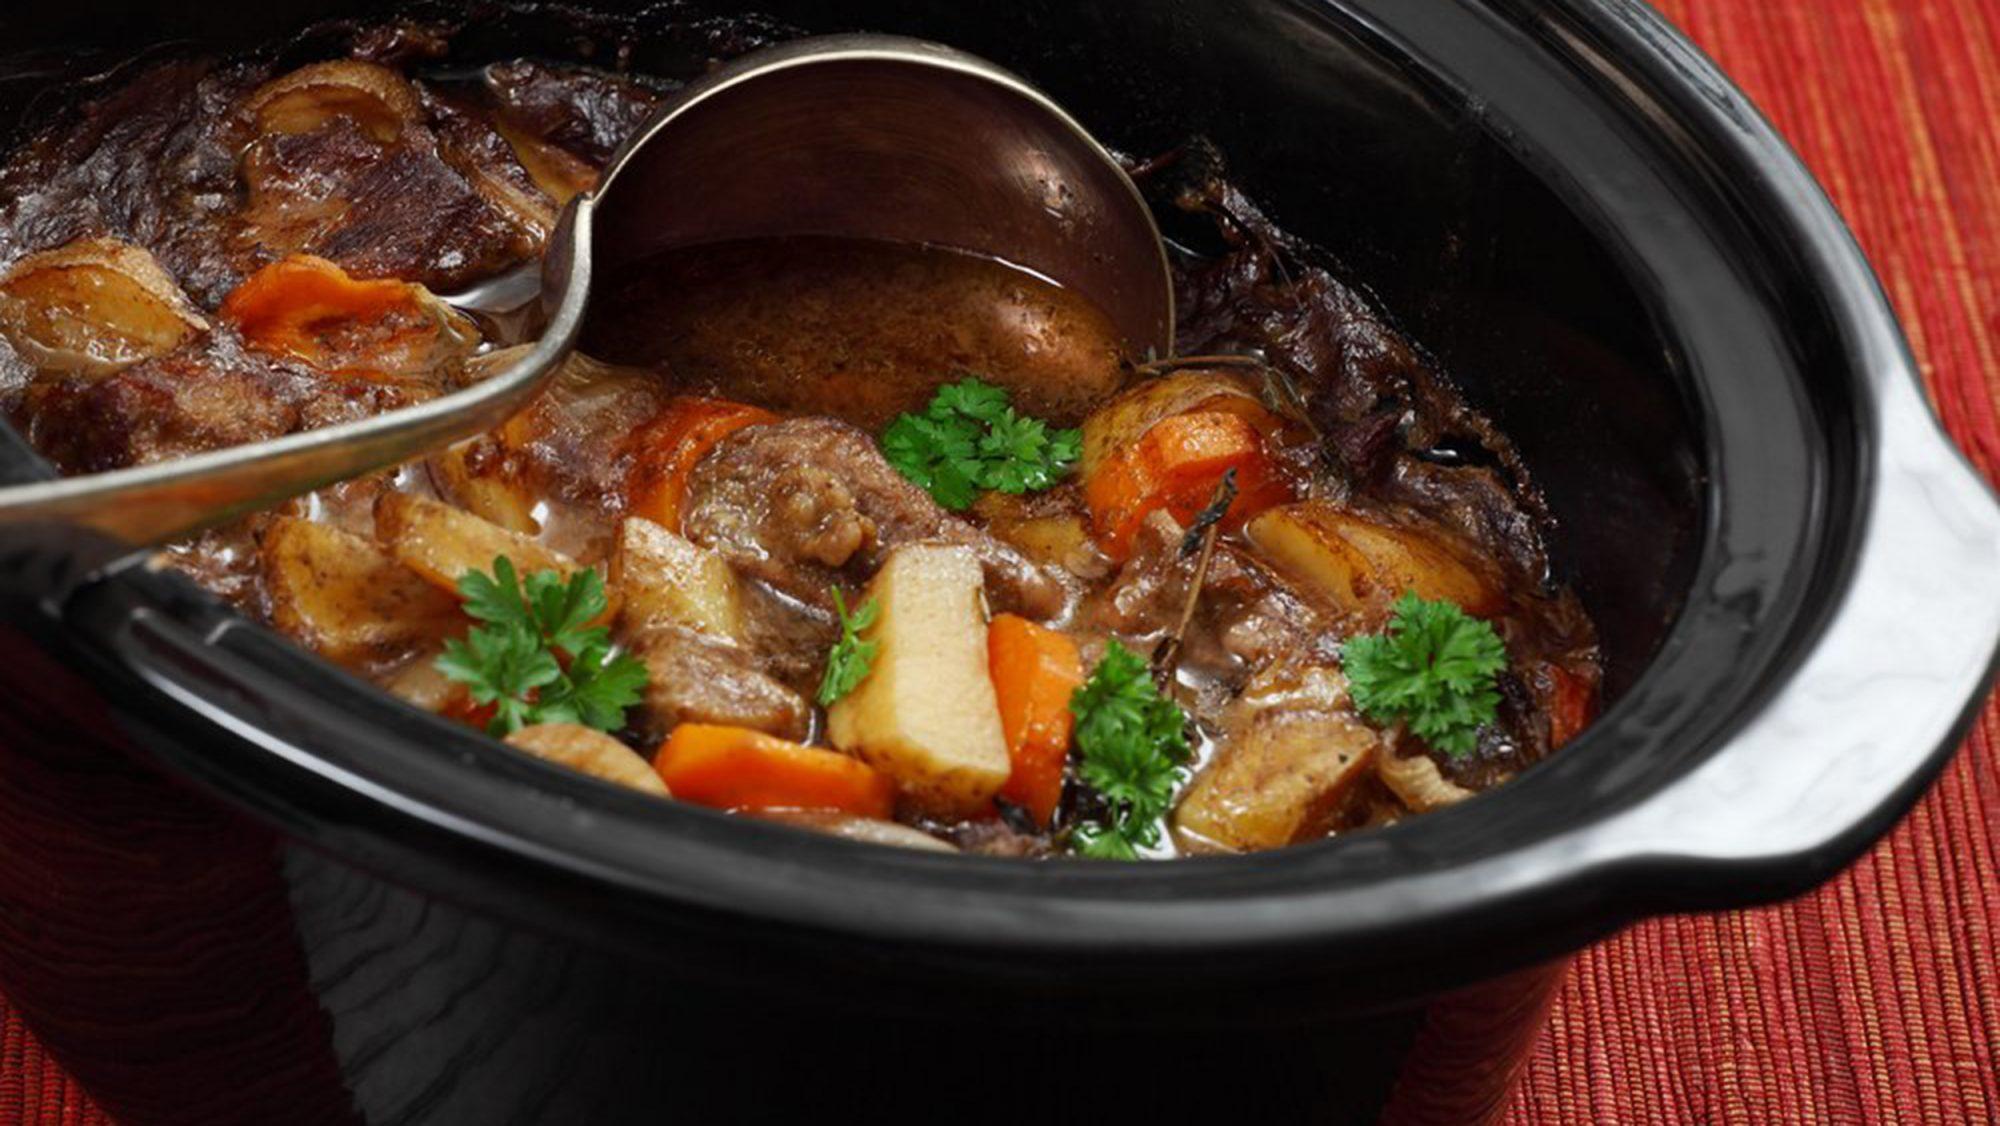 slow-cooker-stock-today-150928-tease_10a20e6e2cf98dadd665efd9861128da.jpg